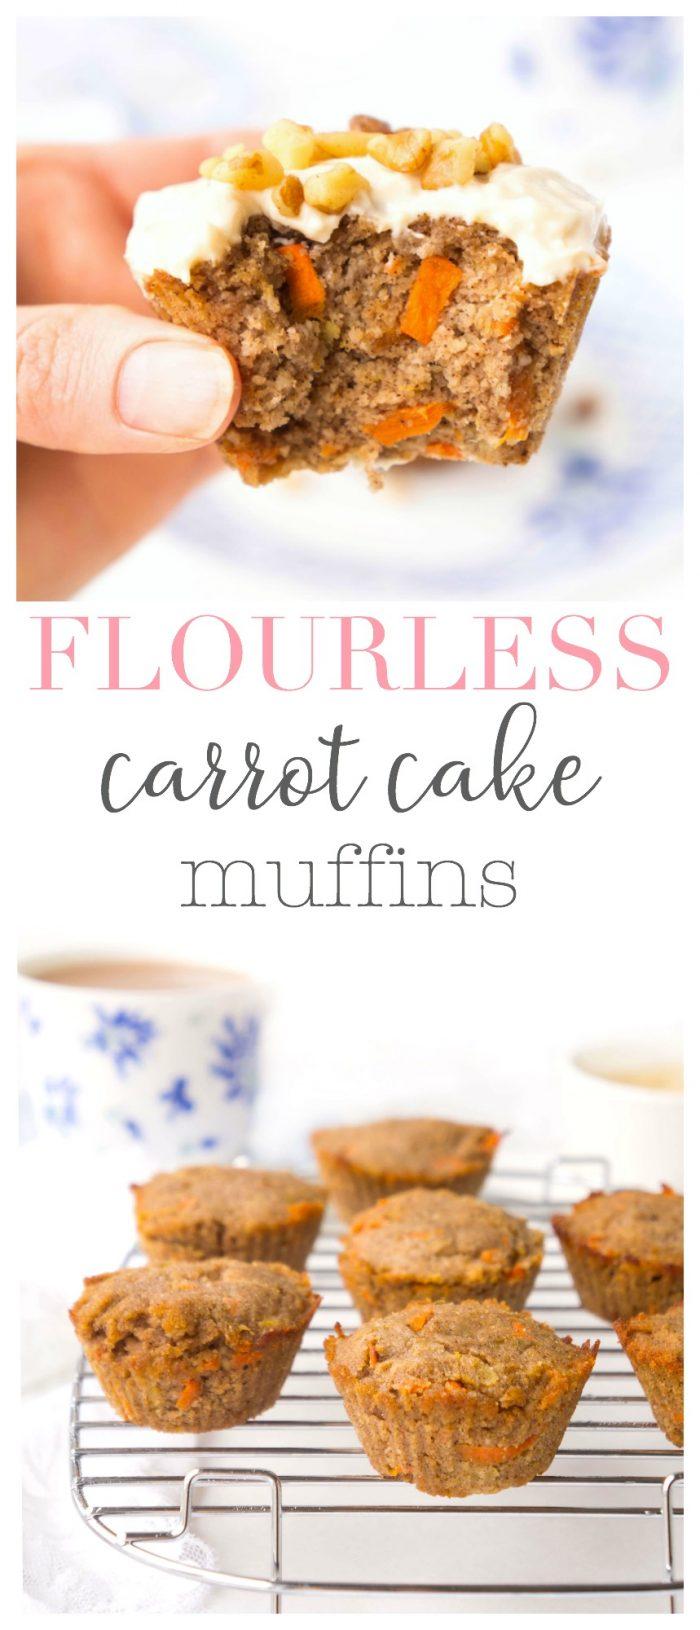 Flourless Carrot Cake Muffins